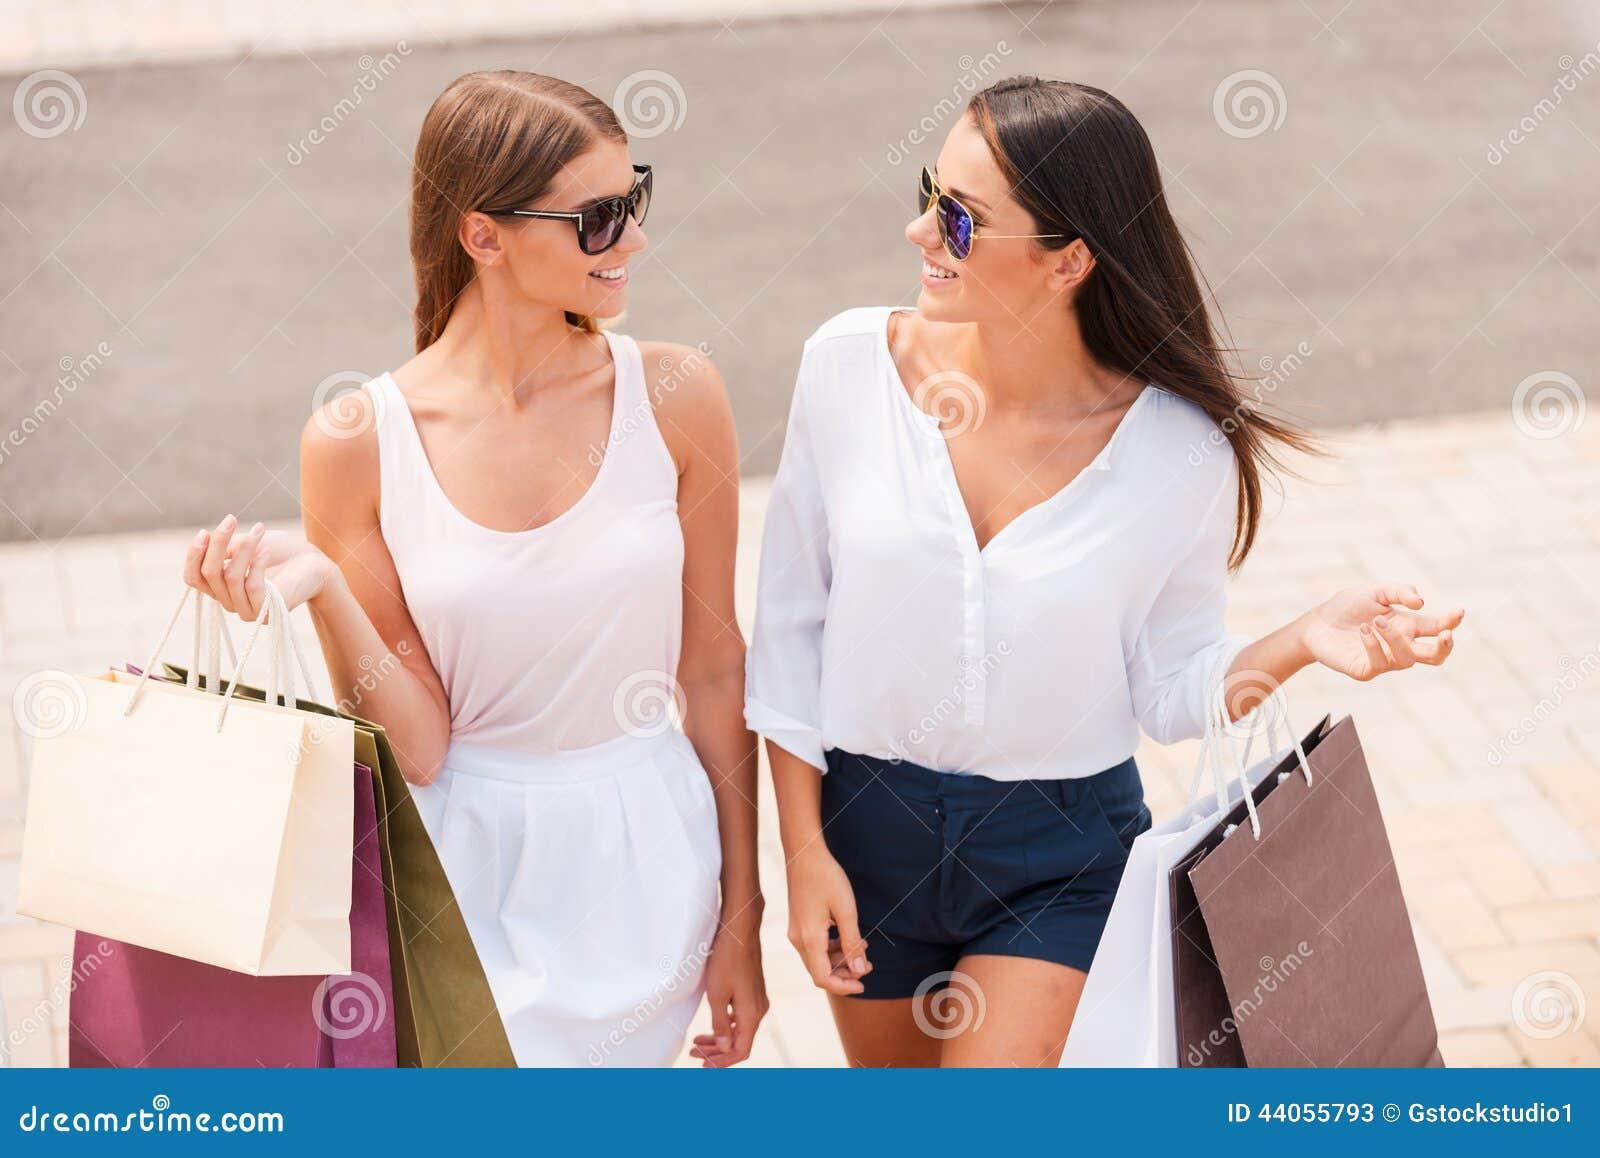 Das Einkaufen ist die beste Therapie